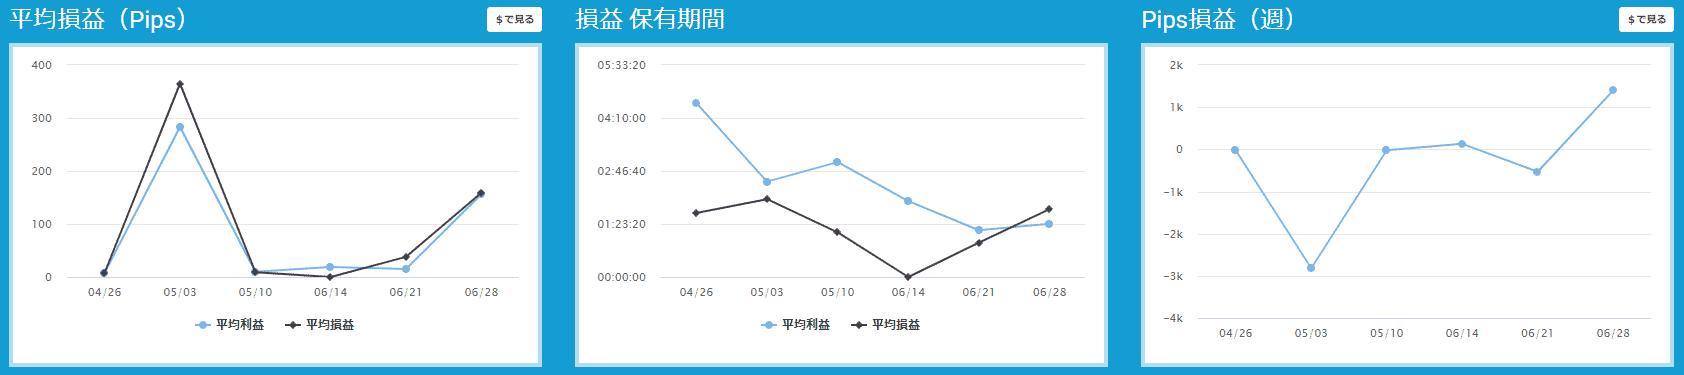 プロップトレーダーチャートGima2